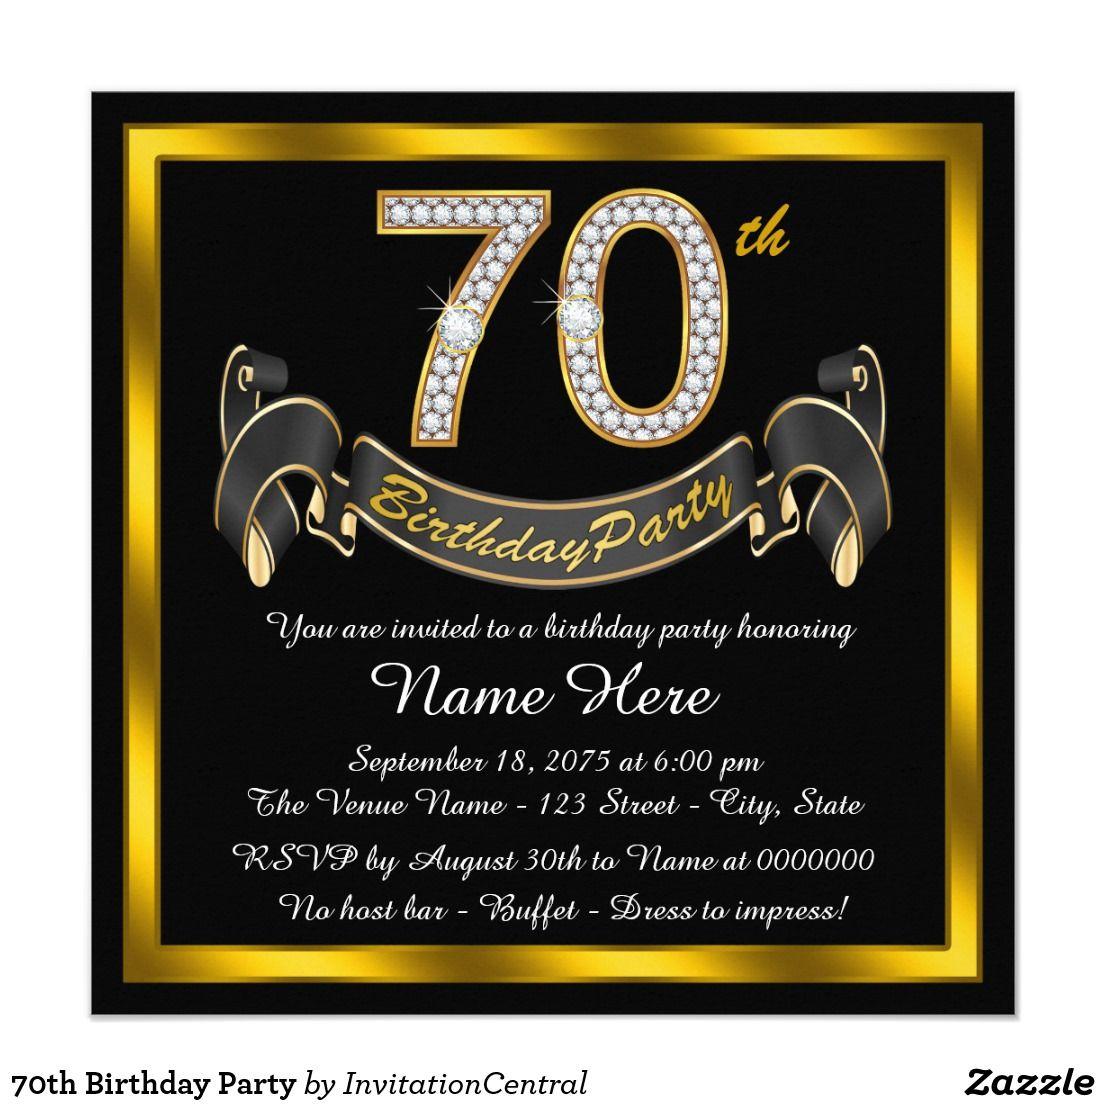 70th Birthday Party Invitation Zazzle Com 80th Birthday Invitations 60th Birthday Party Invitations 40th Birthday Party Invites